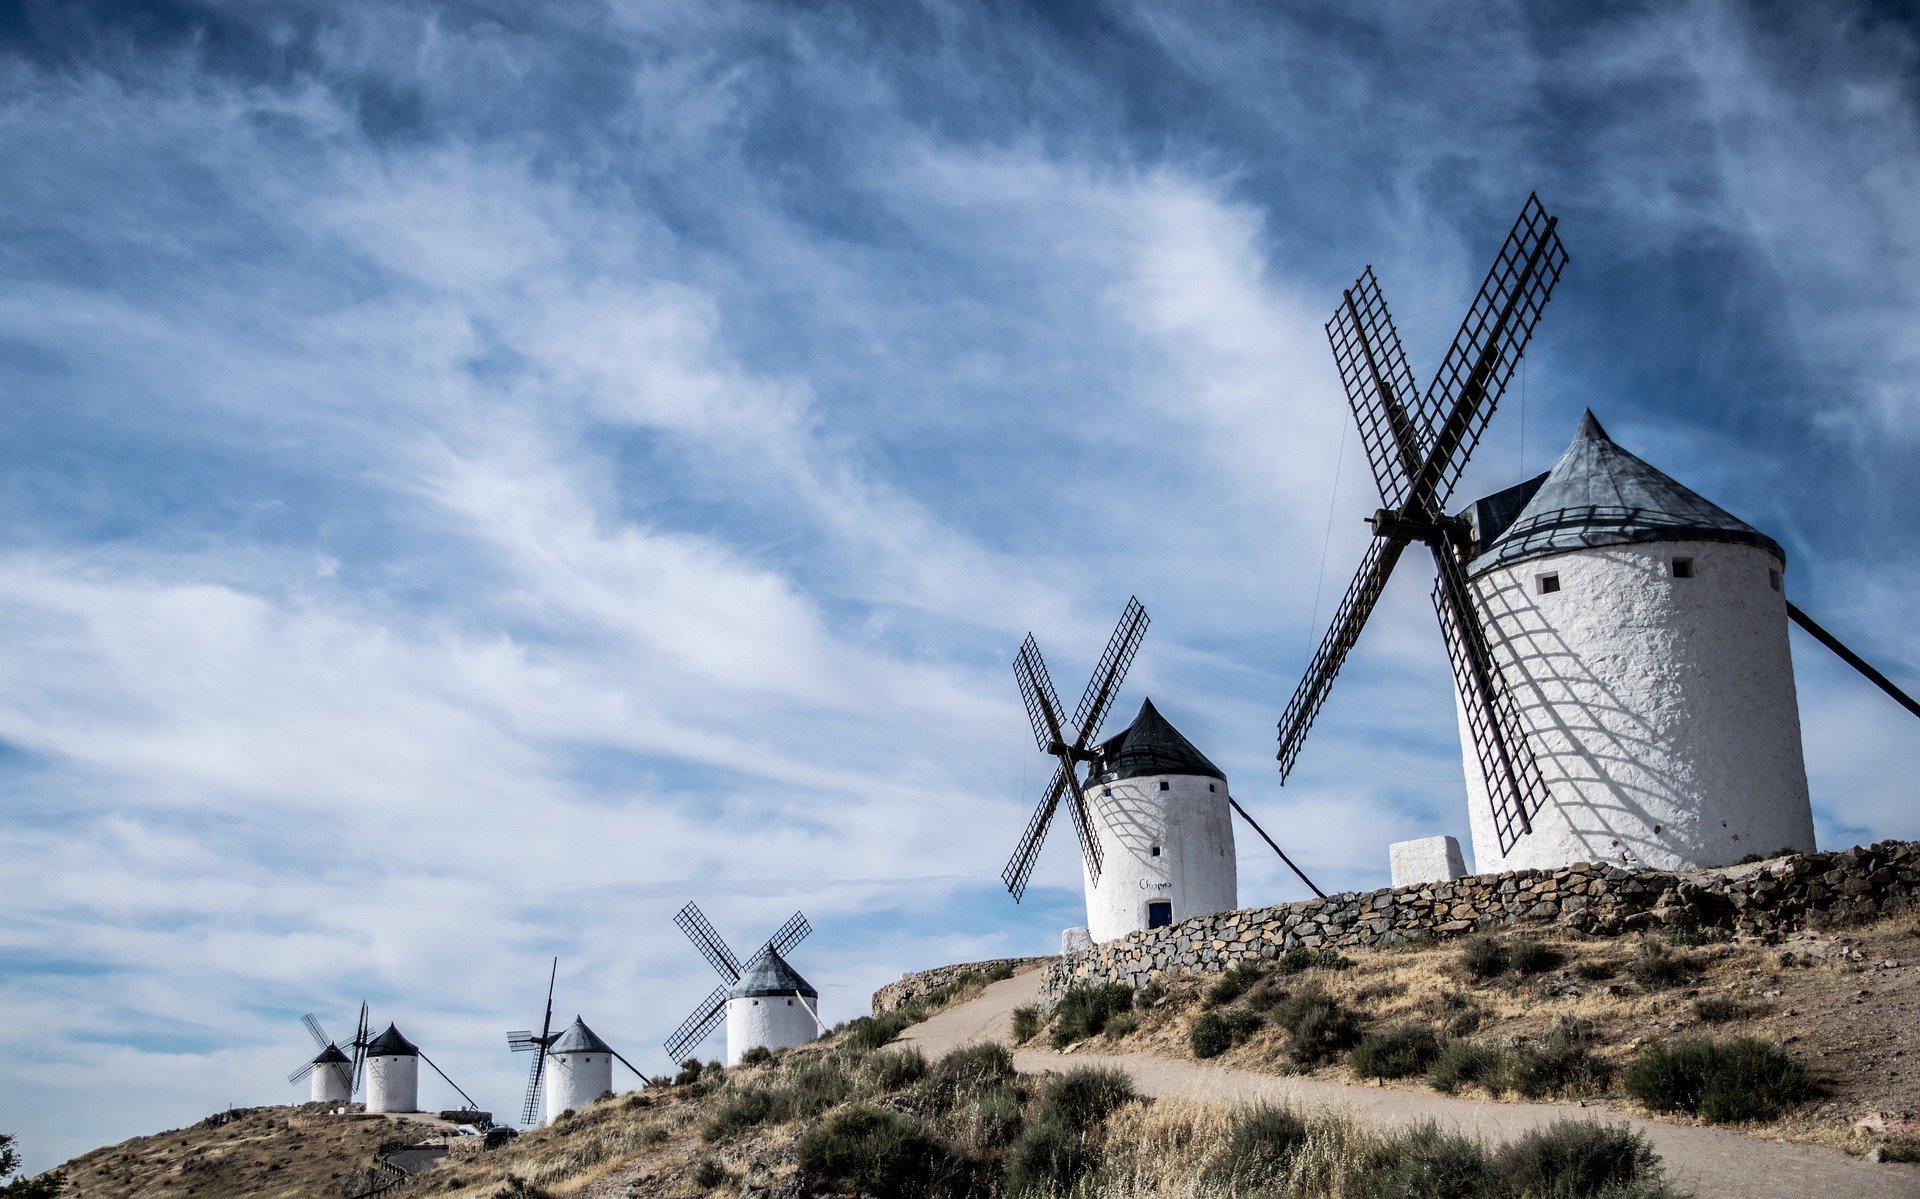 西班牙移民有哪几种方式?买房移民好吗?